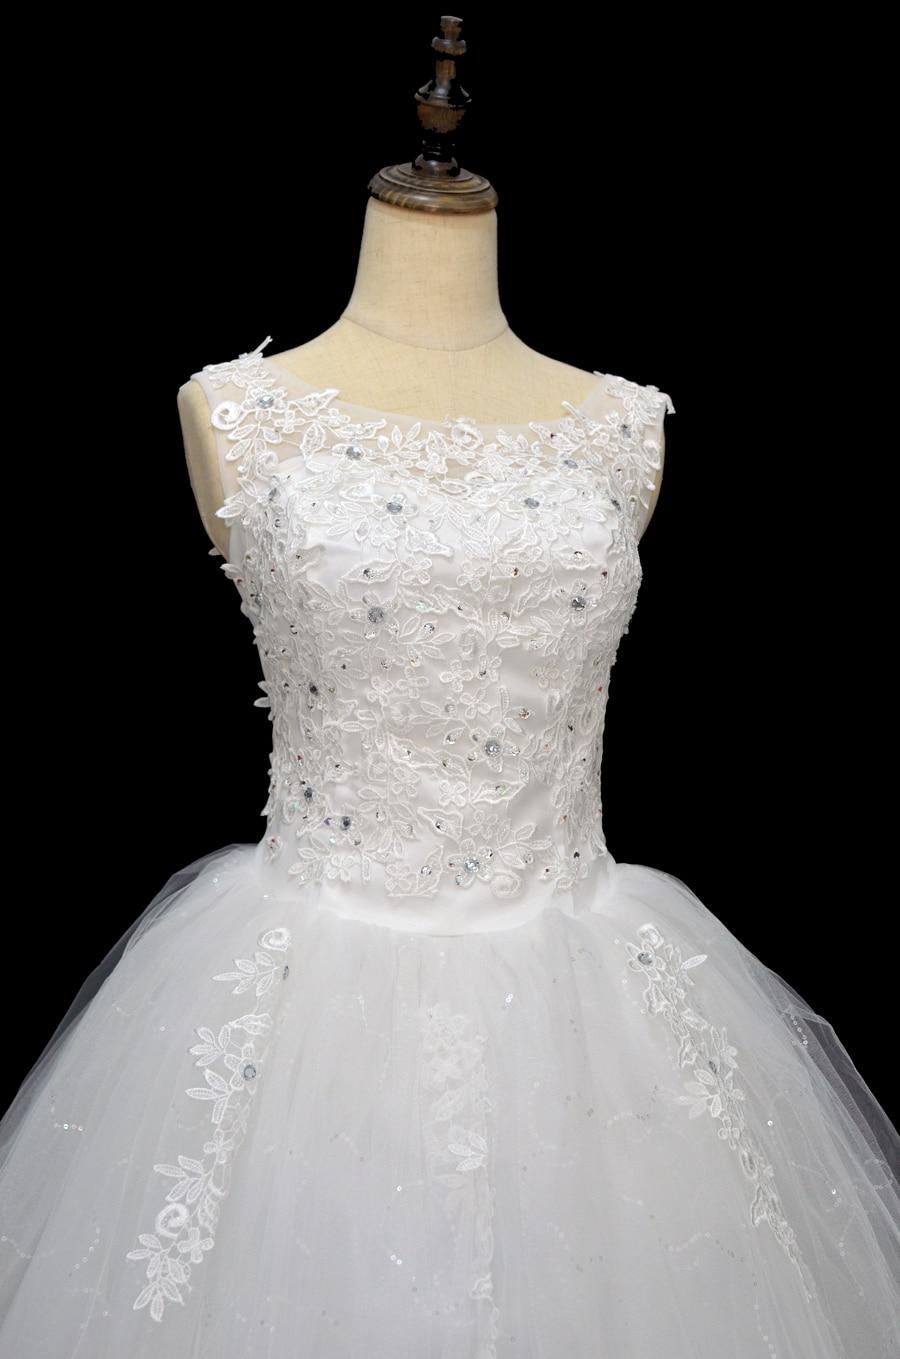 Koreanska Snörningsklänning Kvalitets Bröllopsklänningar 2018 - Bröllopsklänningar - Foto 2